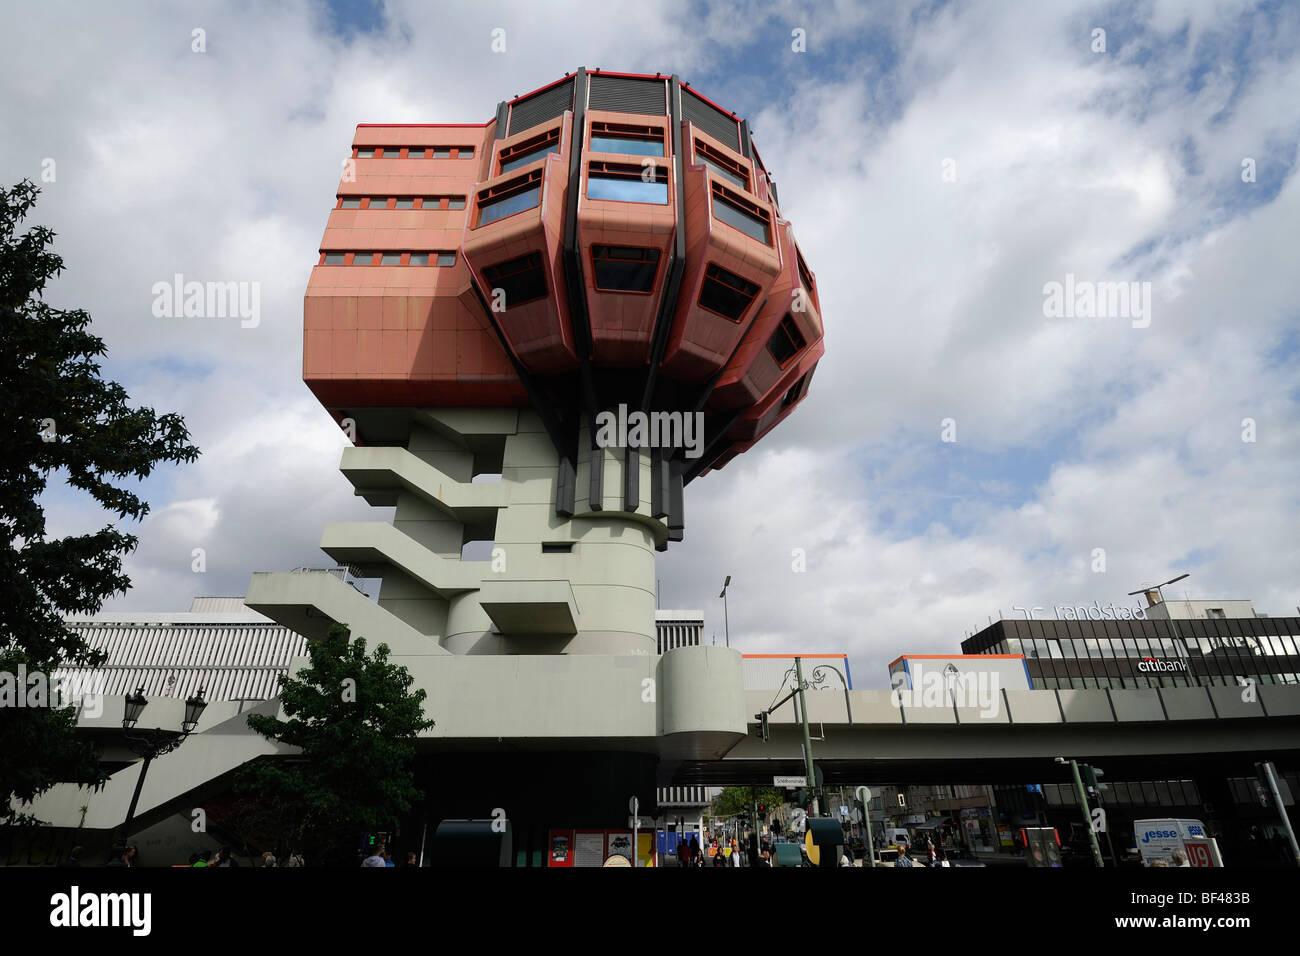 Berlin. Deutschland. Bierpinsel deswegen, ungewöhnliche 70er Bar & Restaurantgebäude in Steglitz. Stockbild